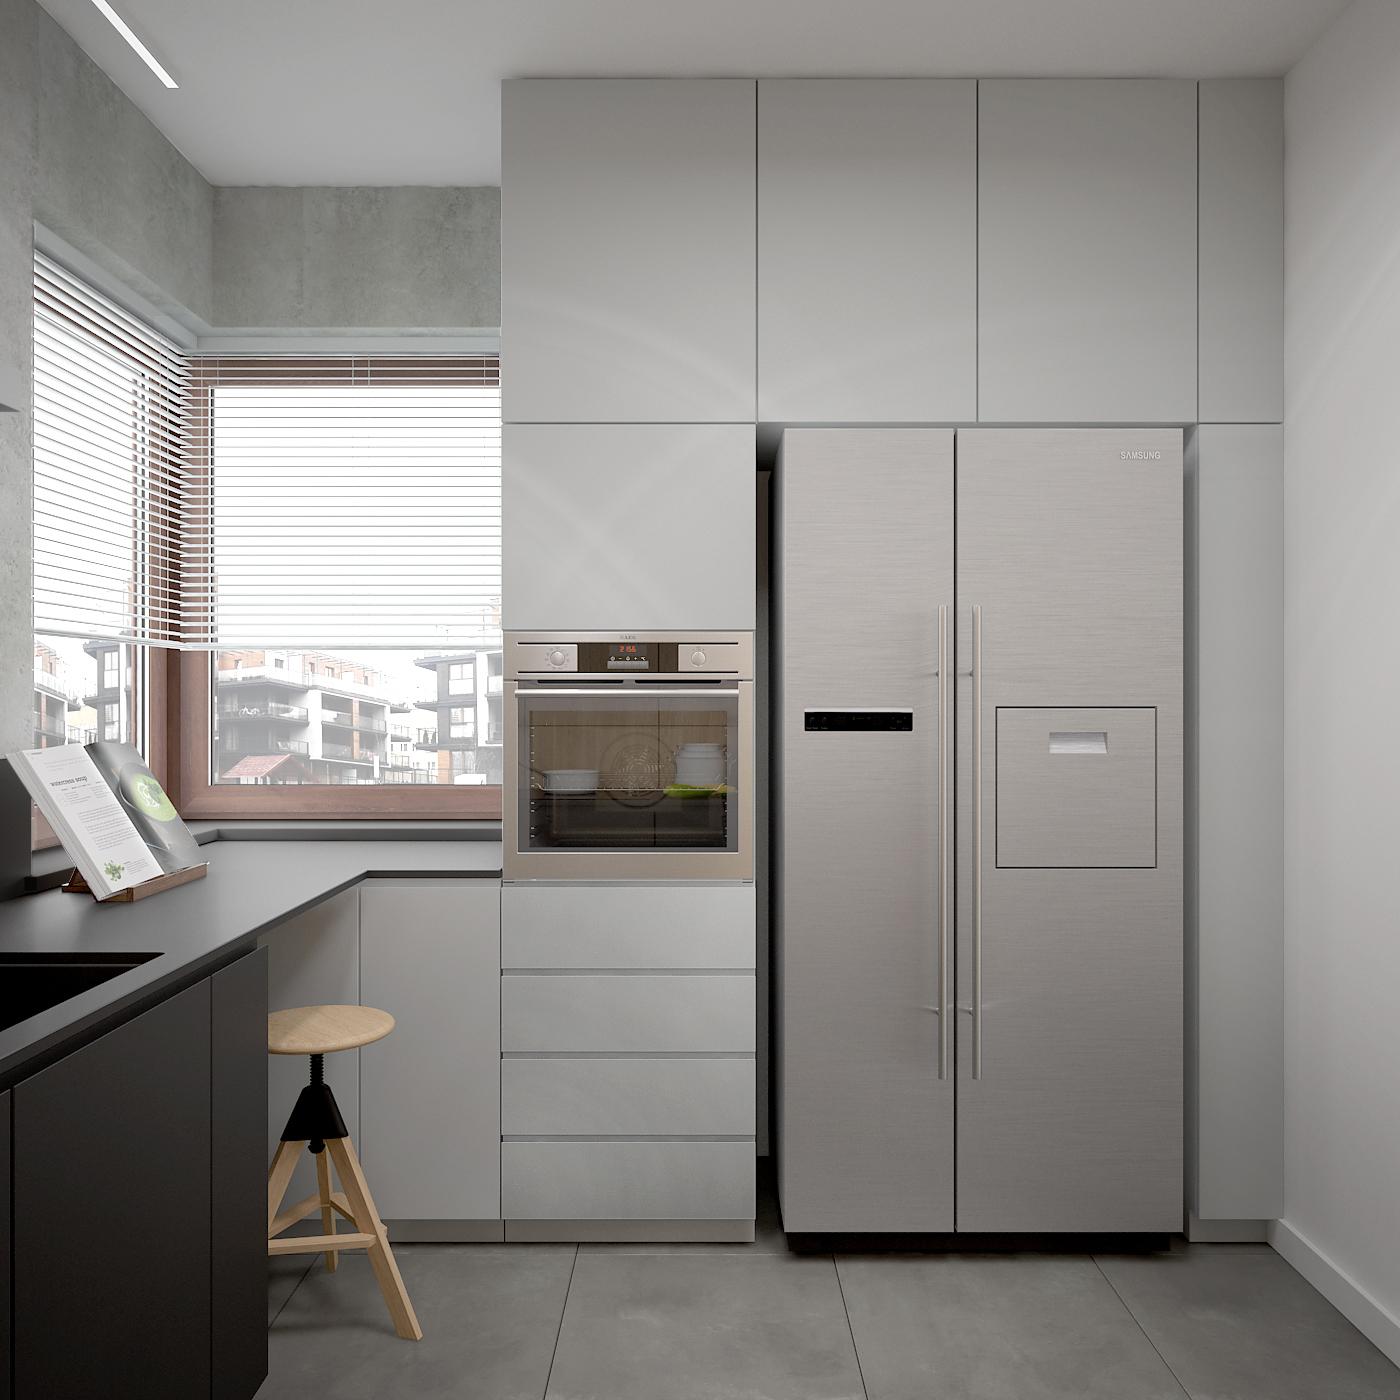 11 projekt wnetrza 537 mieszkanie krakow kuchnia lodowka side by side piekarnik w wysokiej zabudowie biale i czarne fronty